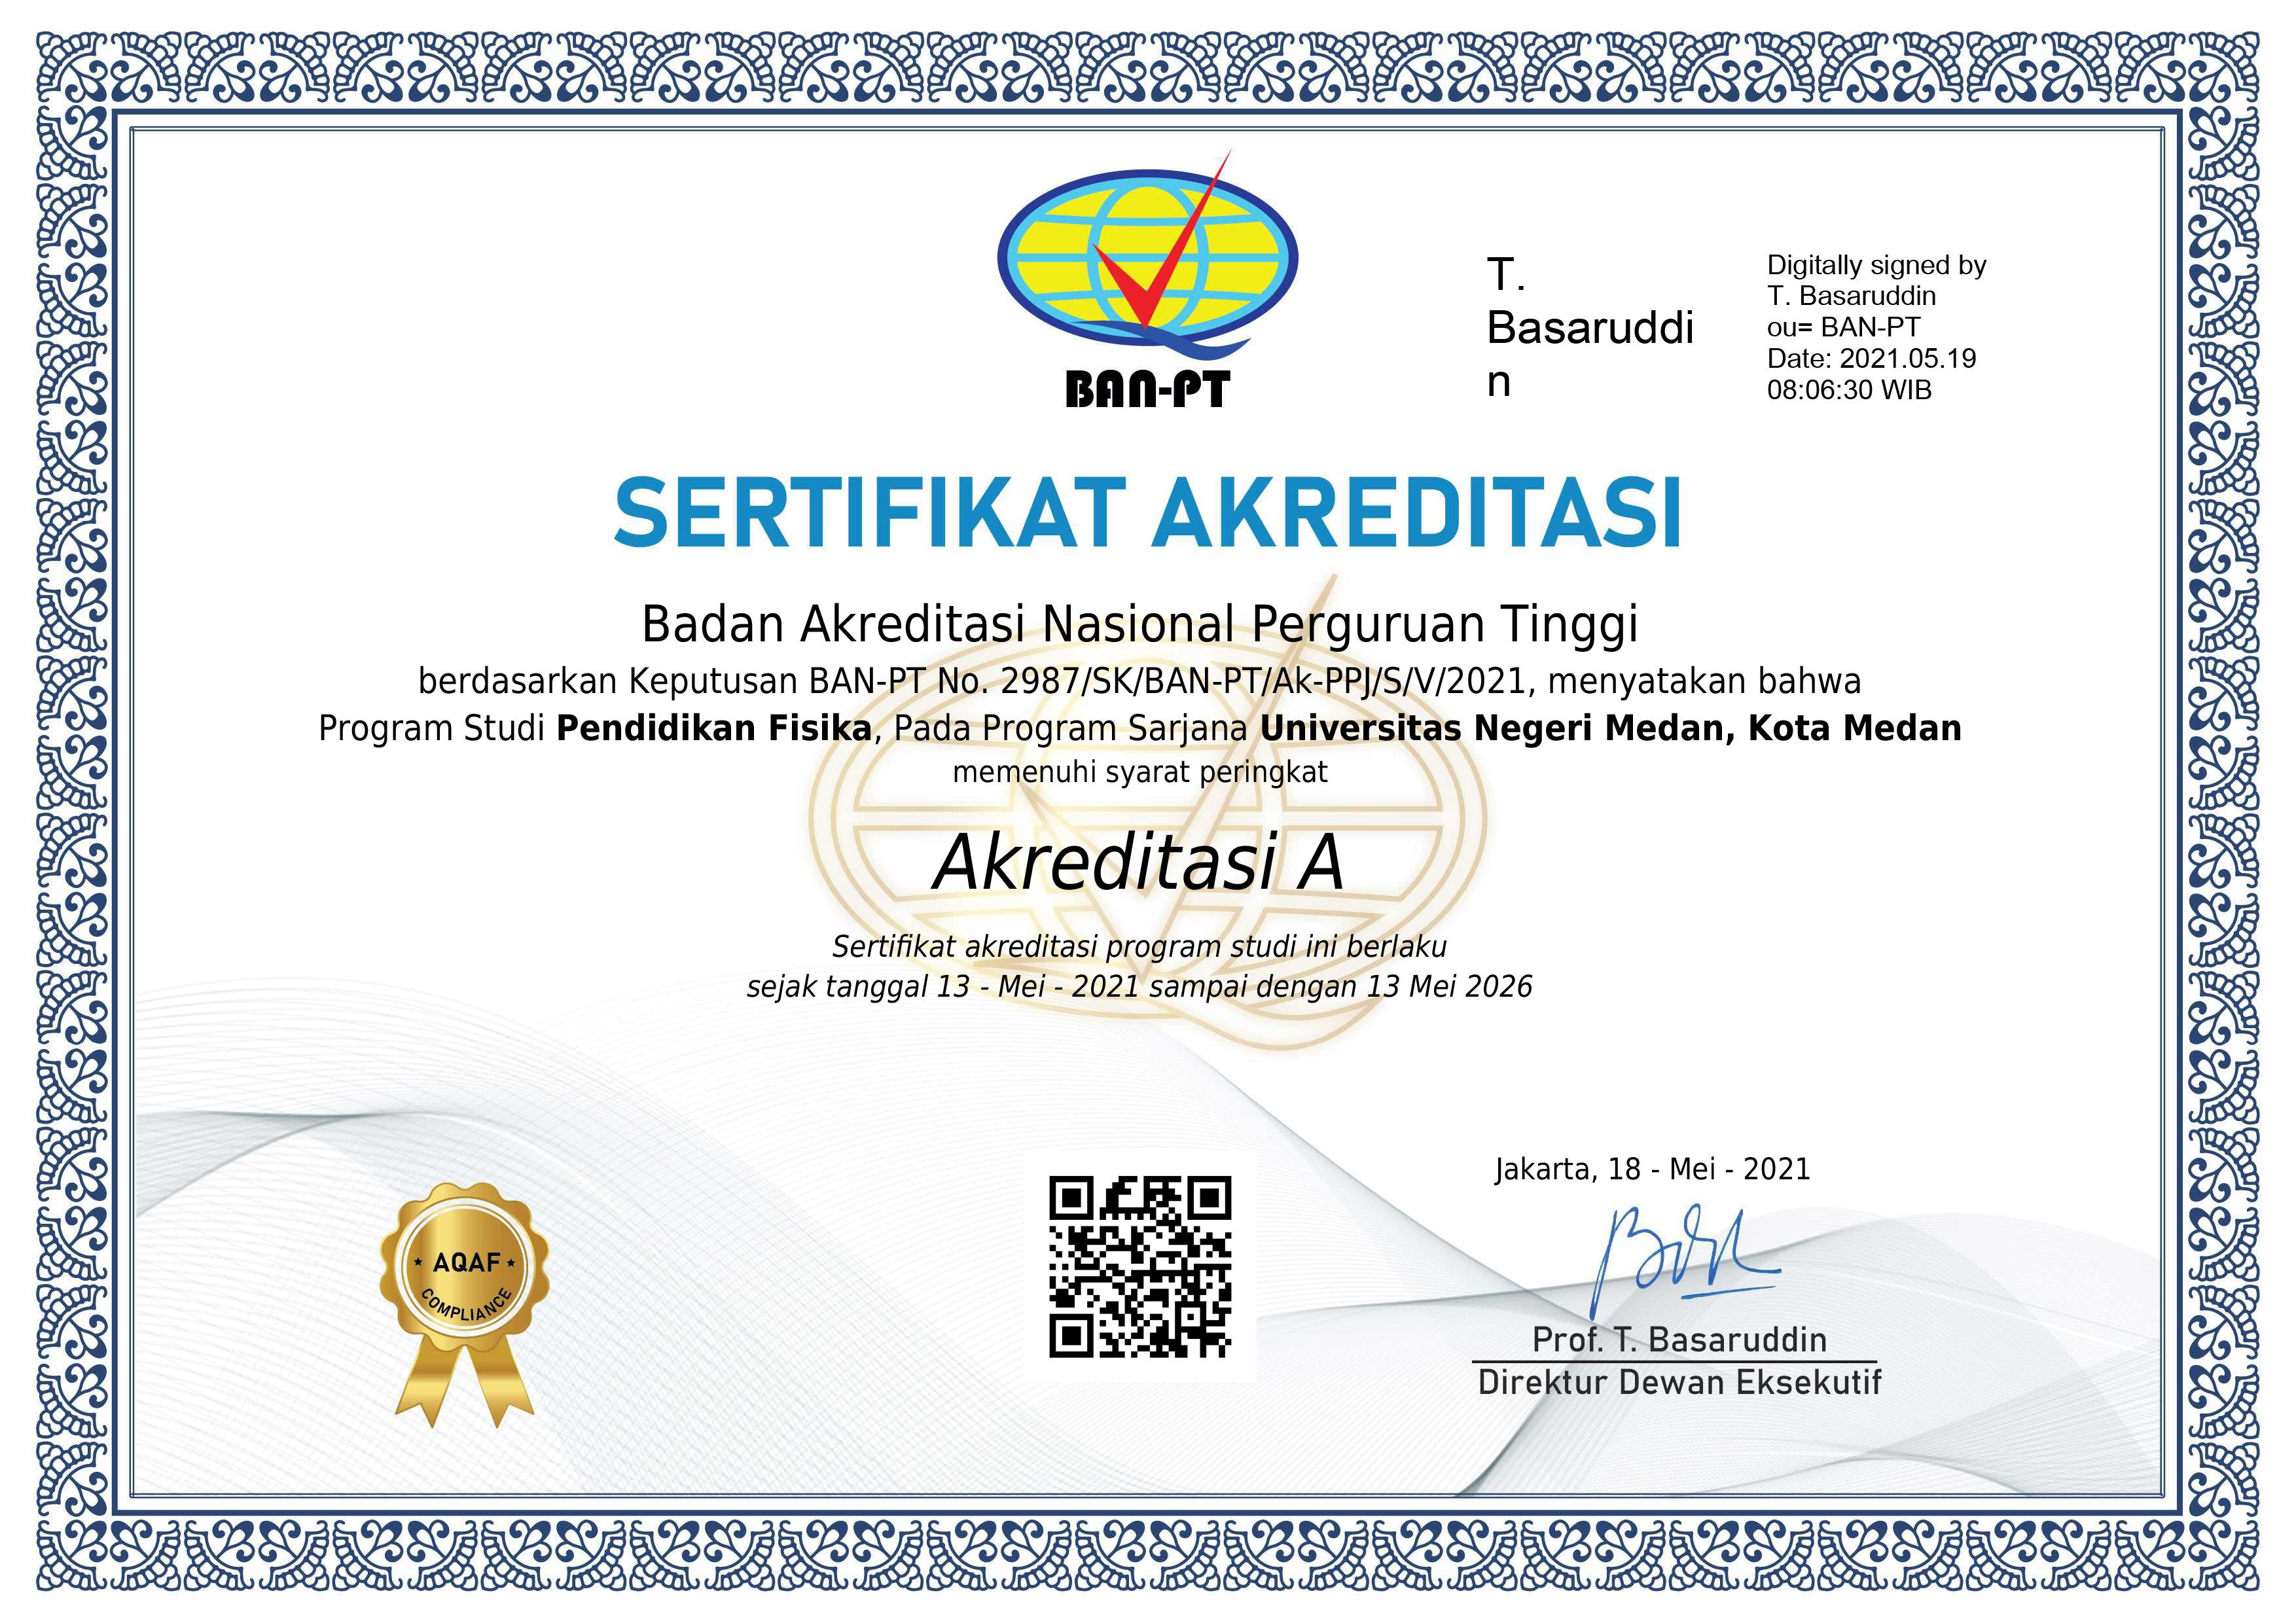 Penerbitan Surat Keterangan dan Sertifikat Akreditasi Prodi Pendidikan Fisika (Perpanjangan)